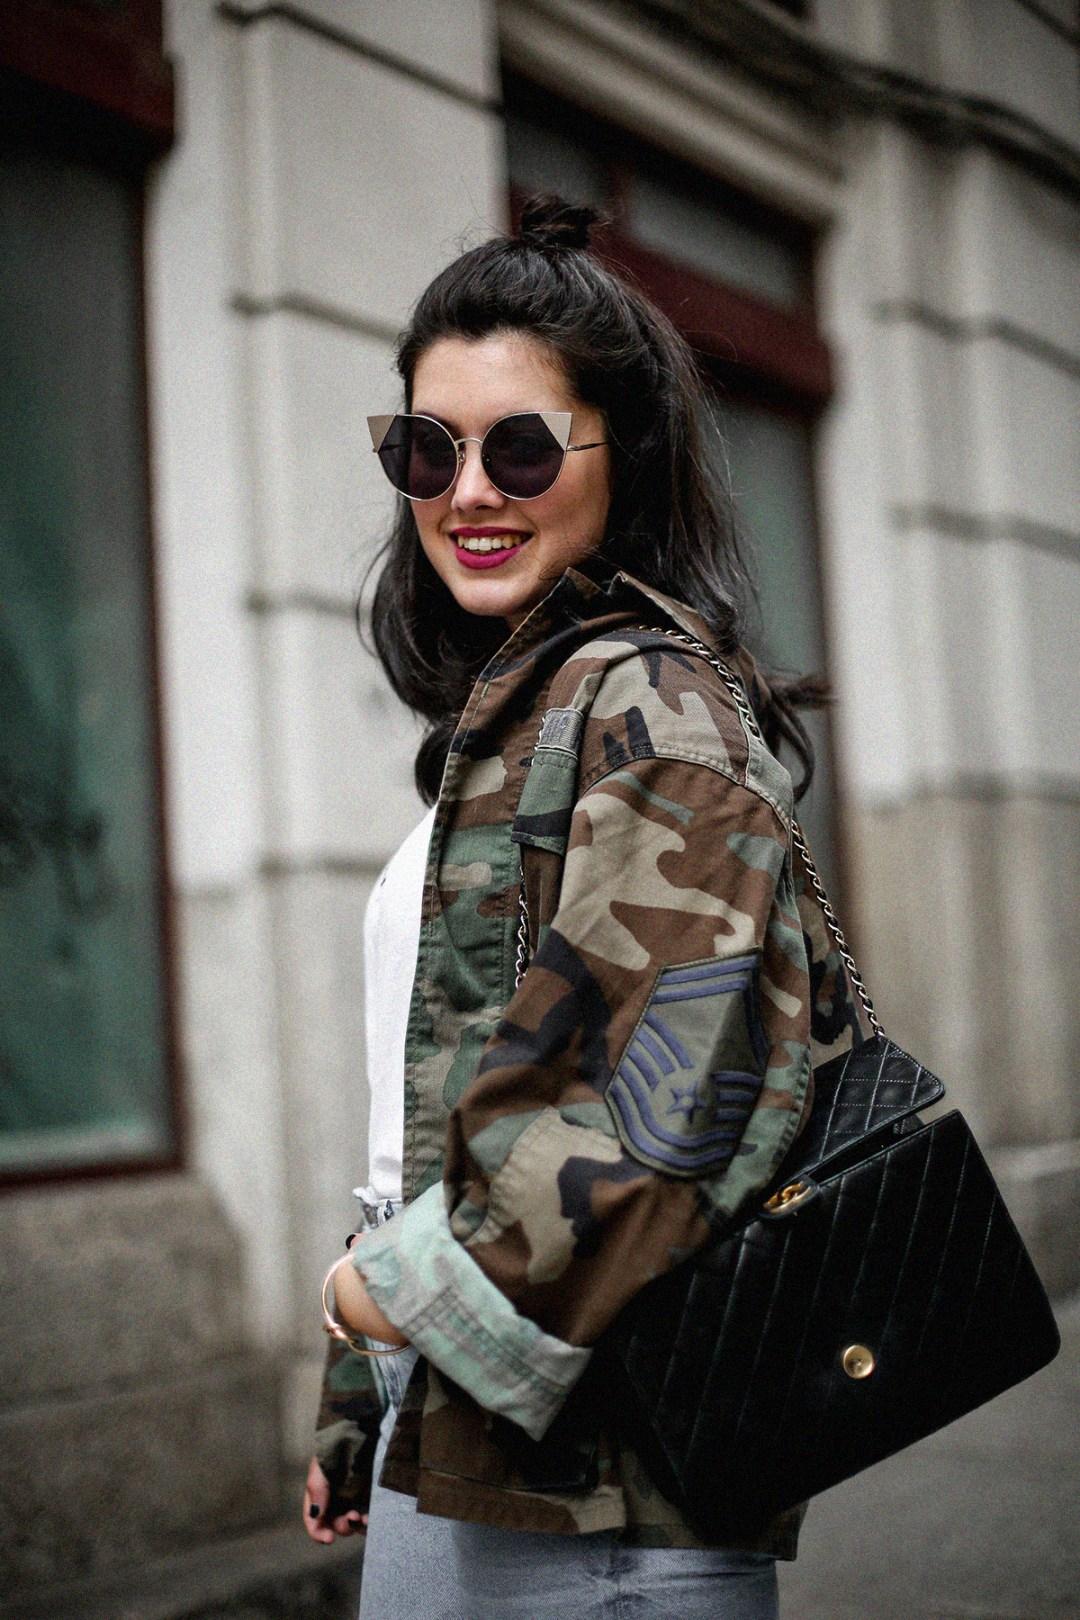 vintage-army-jacket-mom-jeans-espadrilles-myblueberrynightsblog5